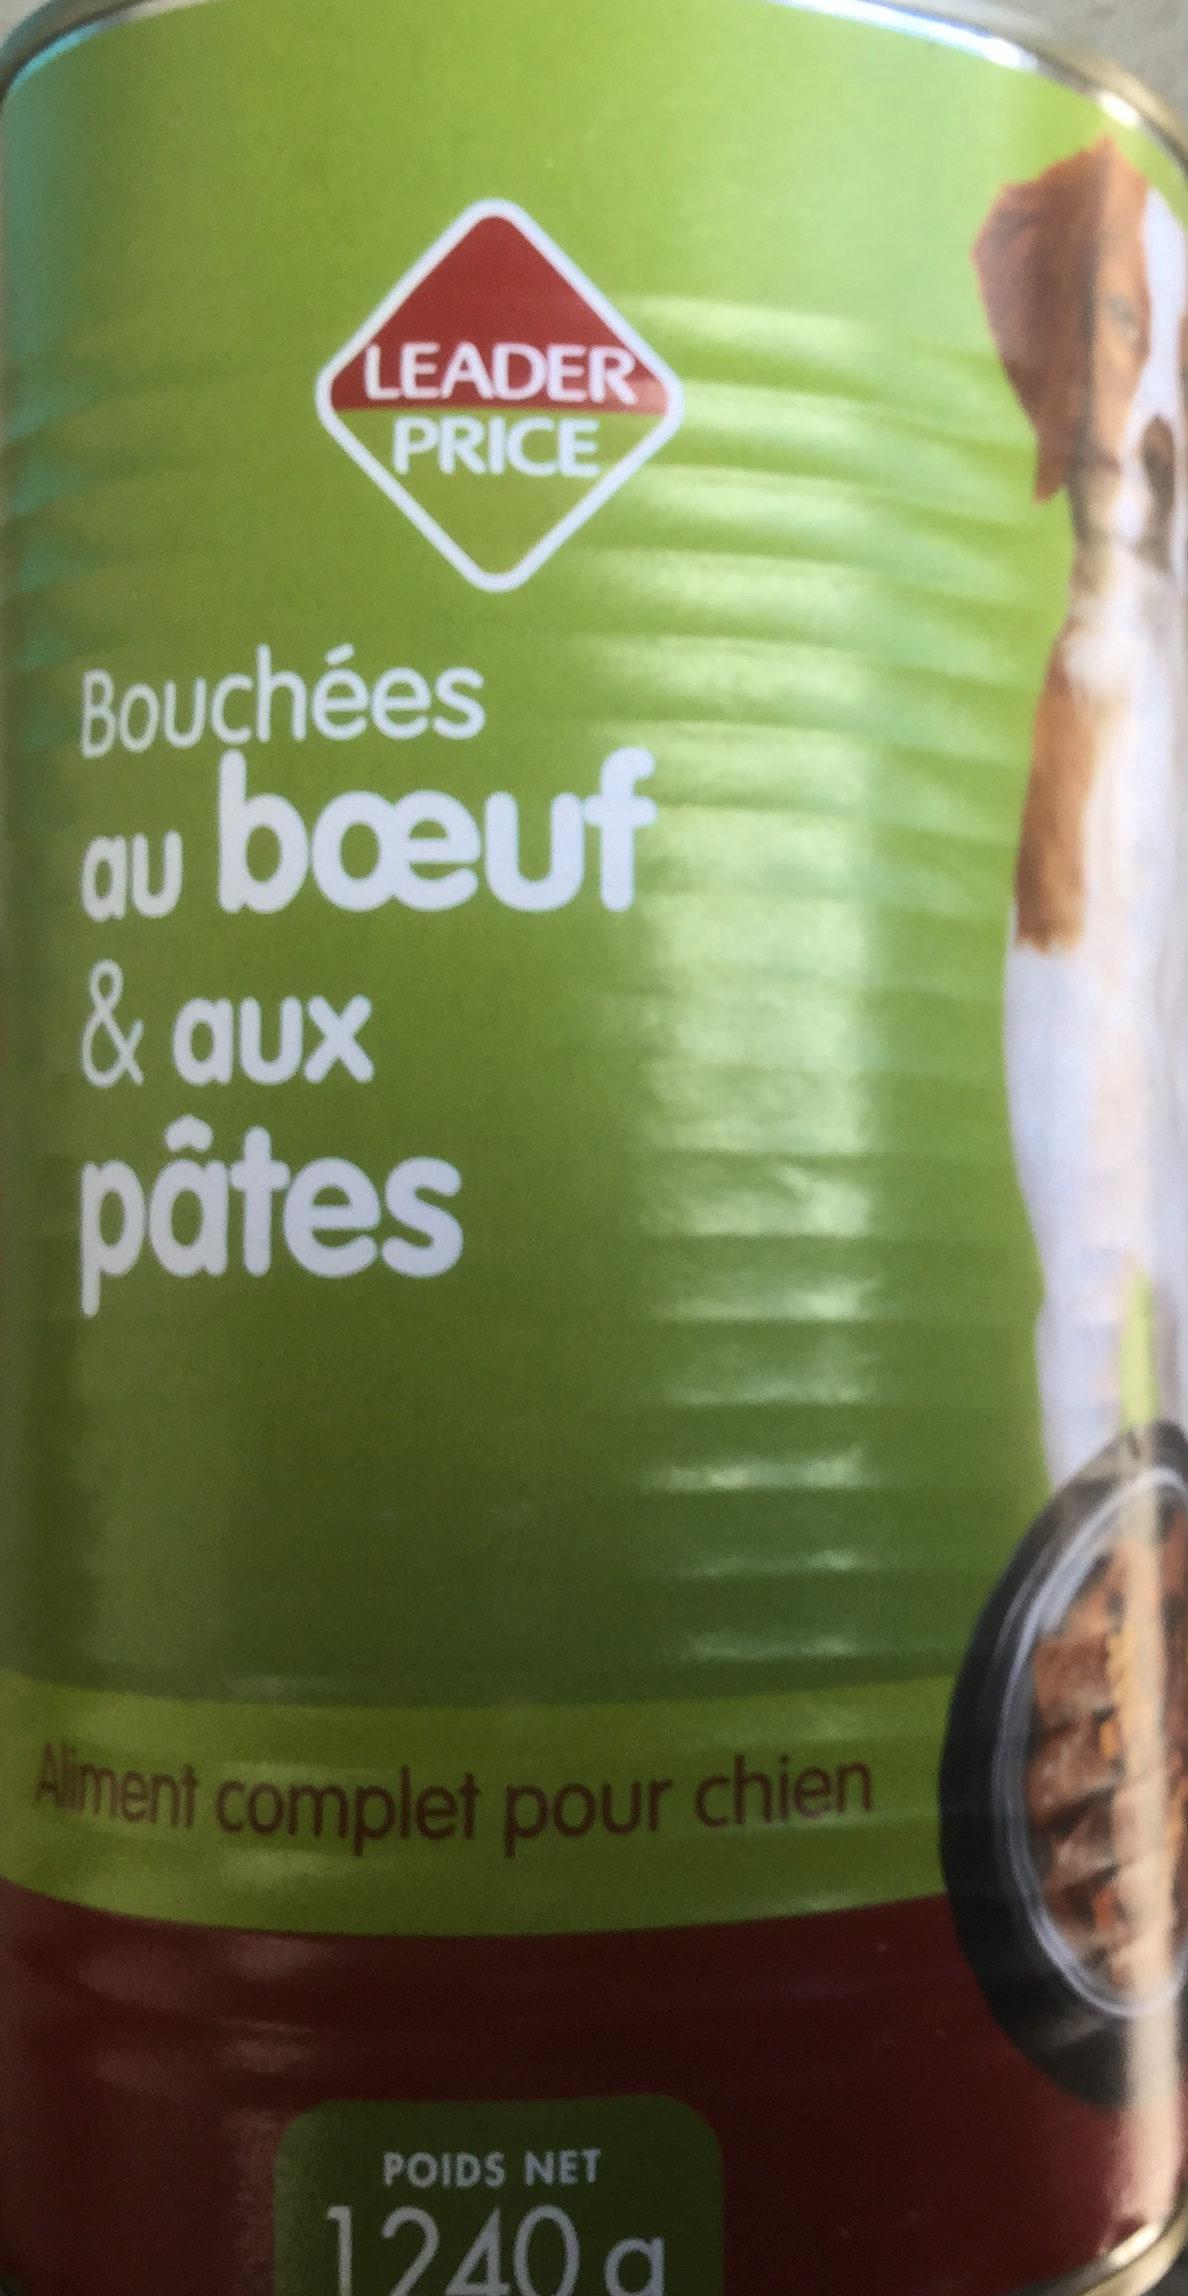 Bouchées au bœuf & aux pâtes - Product - en